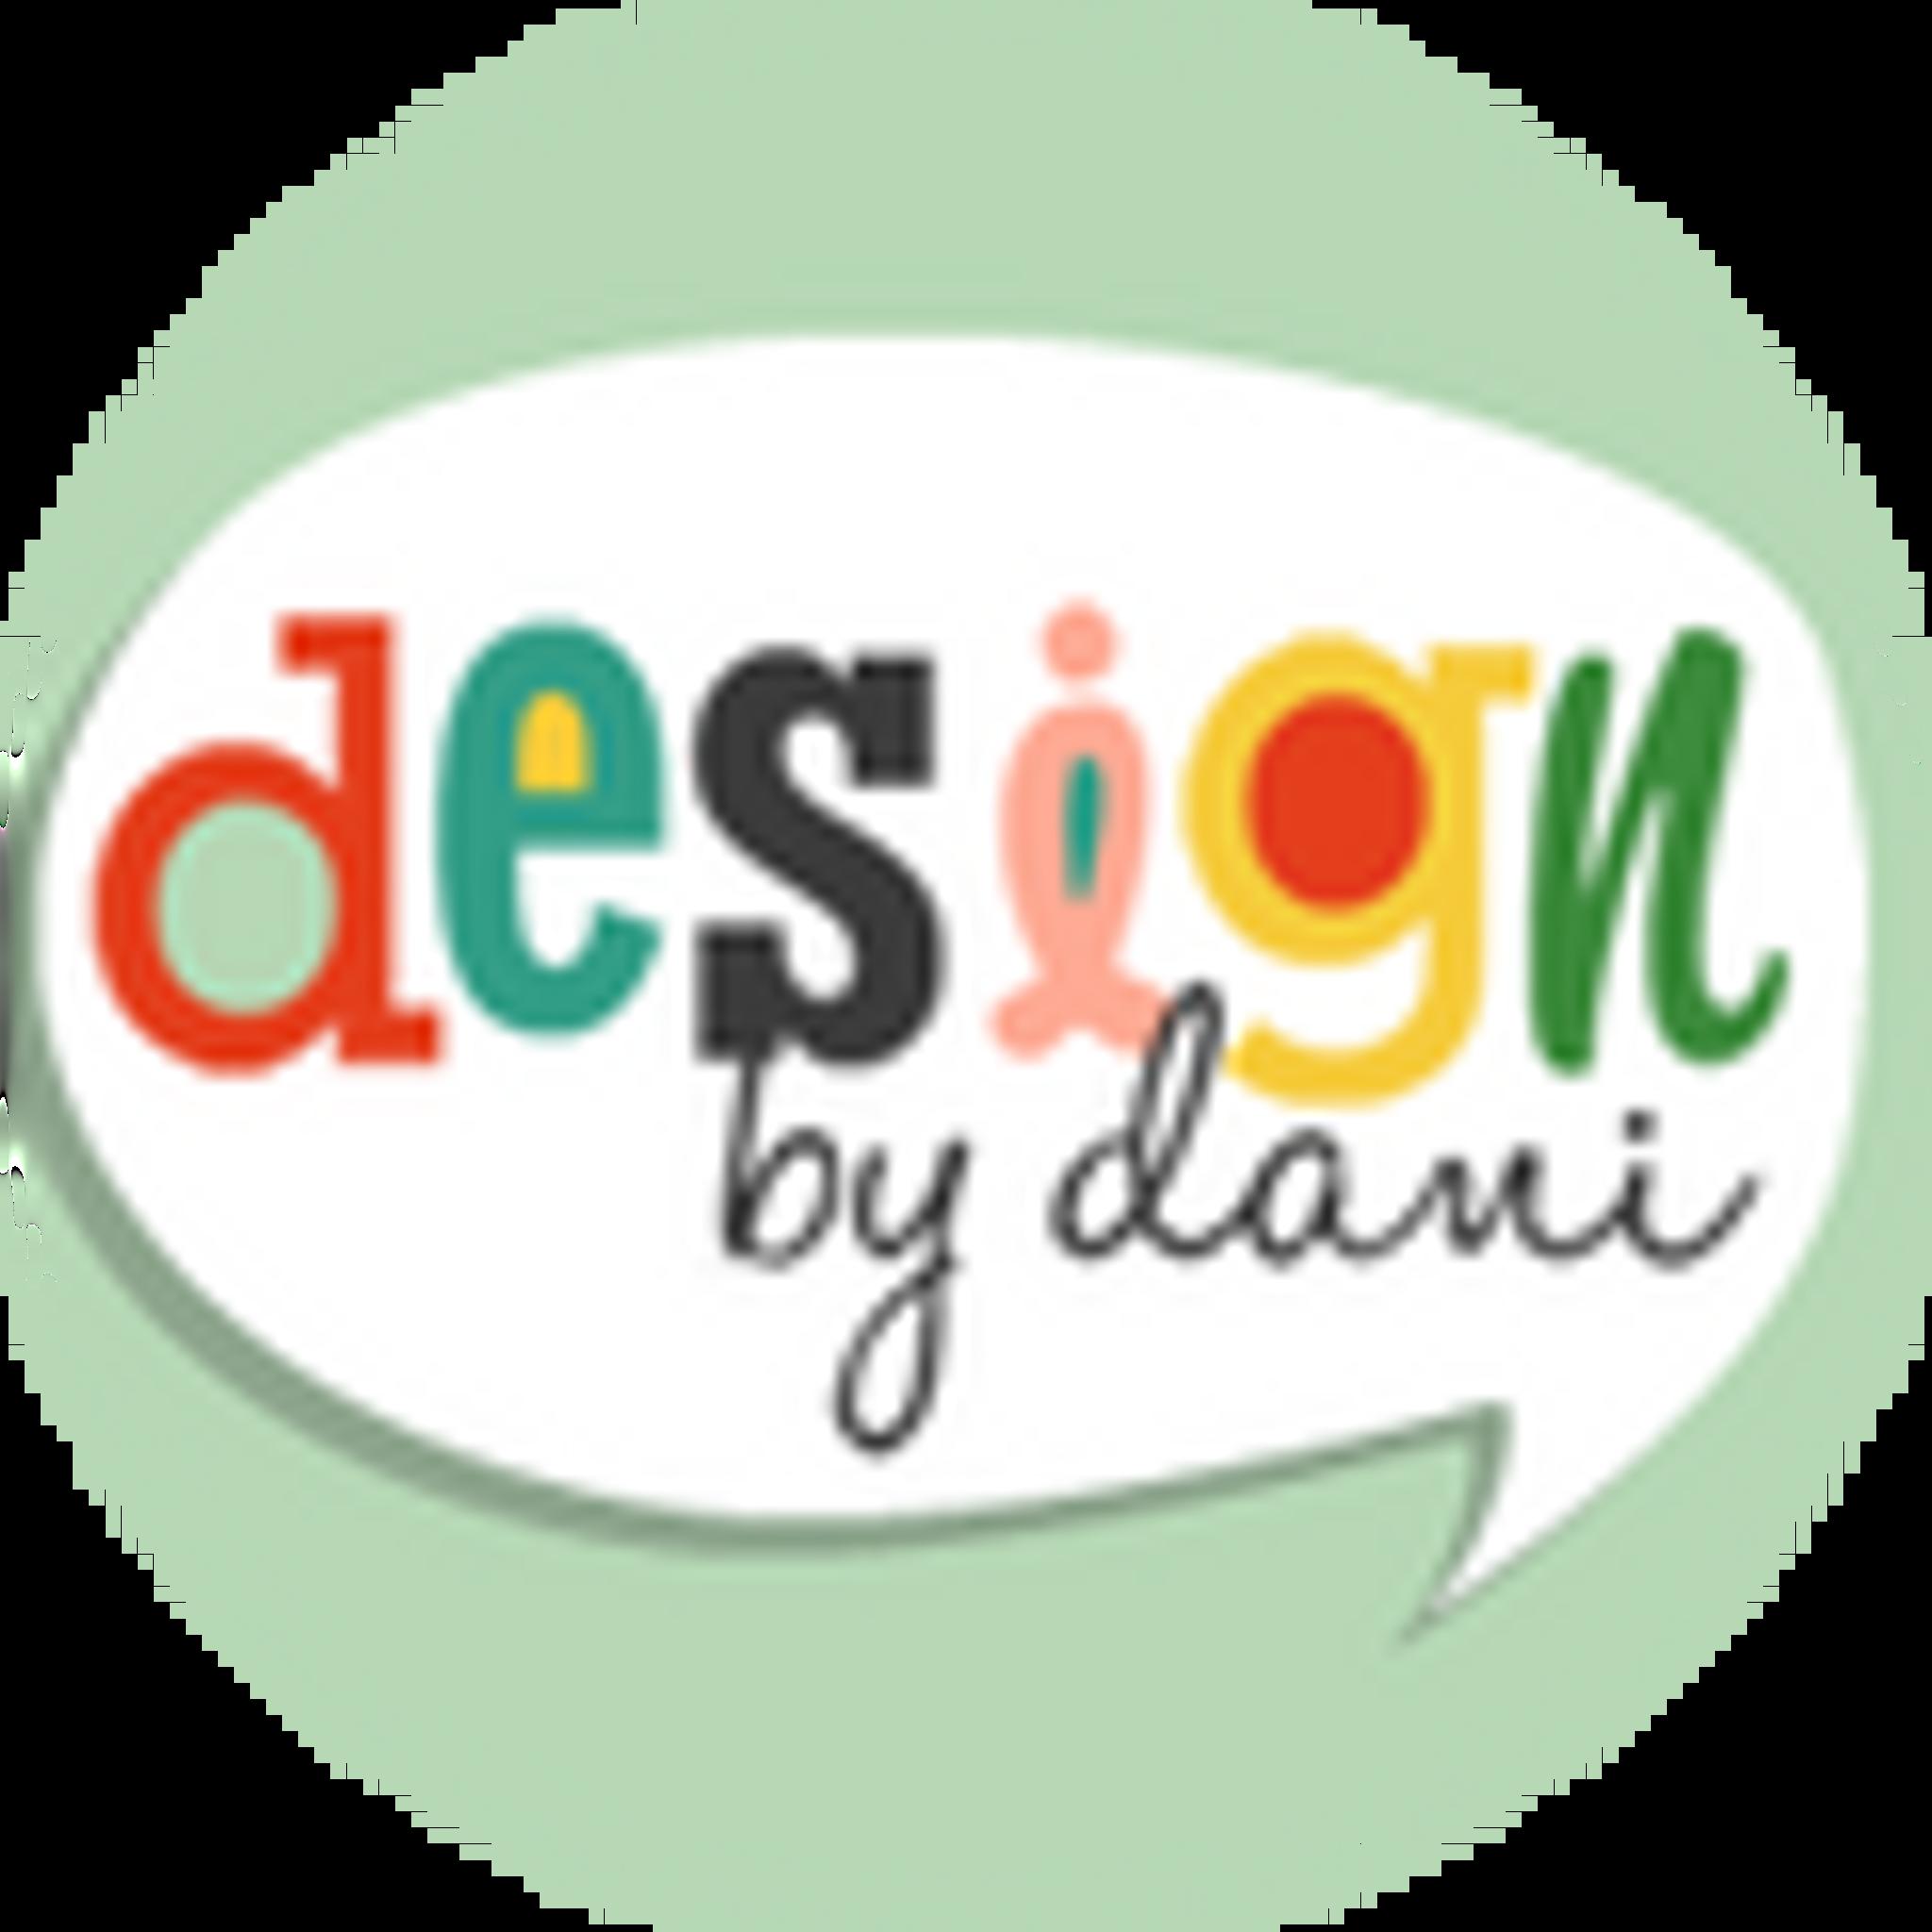 Design by Dani